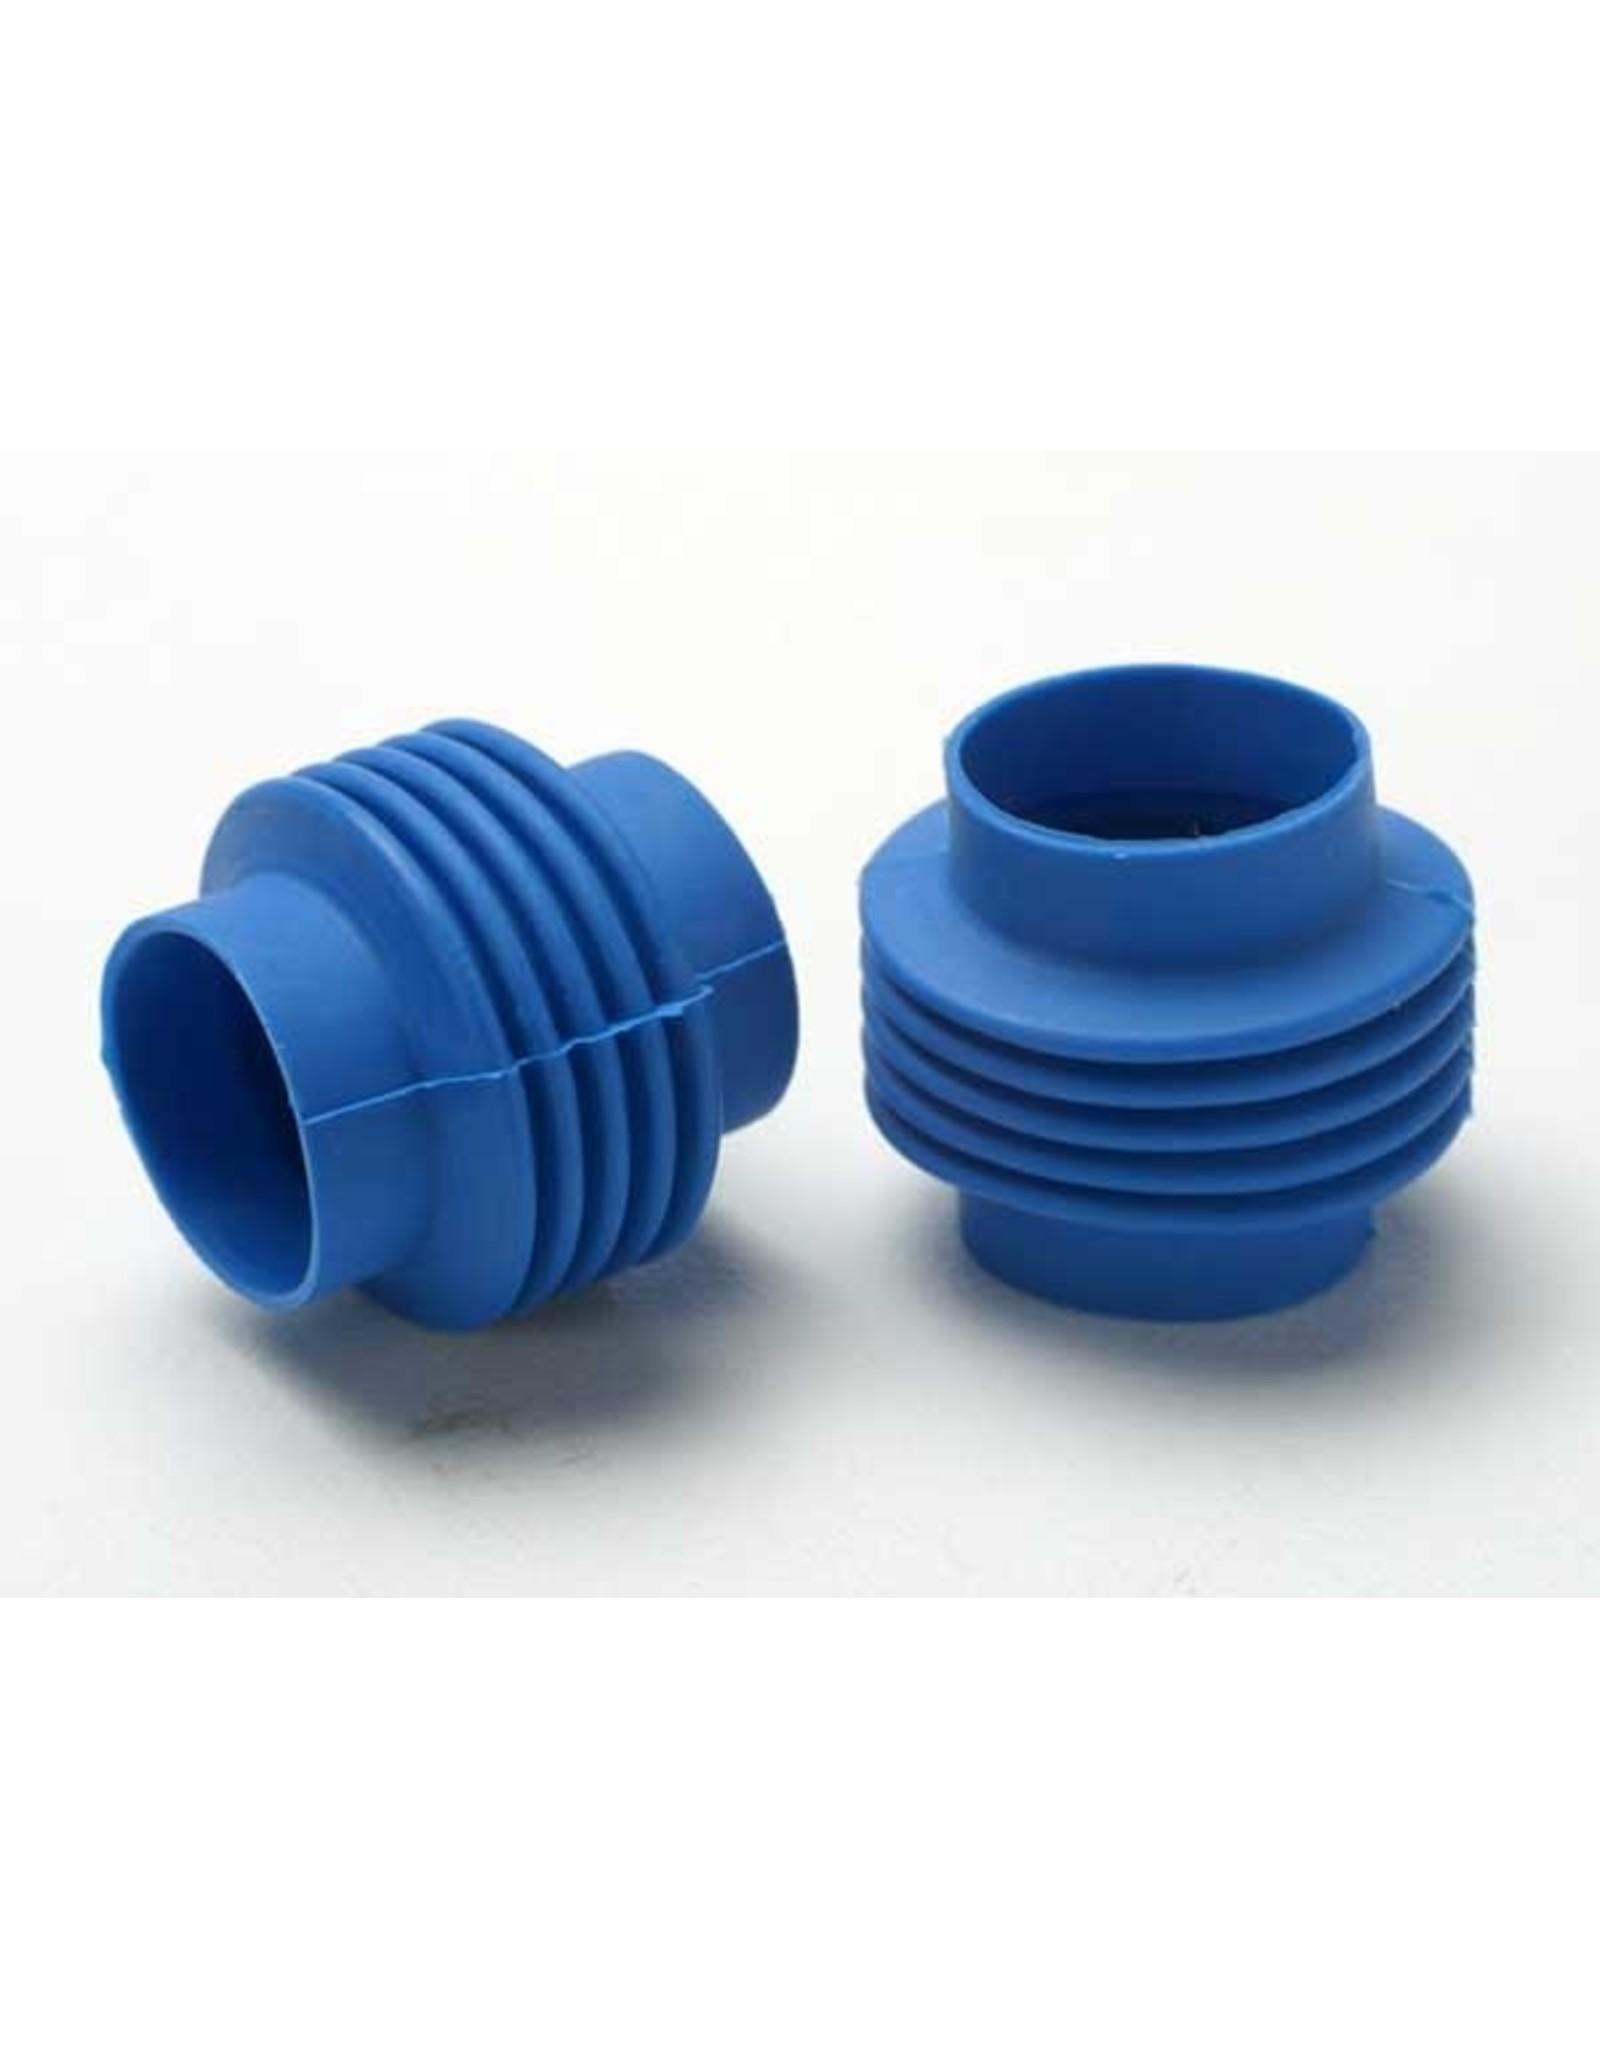 Traxxas Boots, driveshaft (rubber) (2)